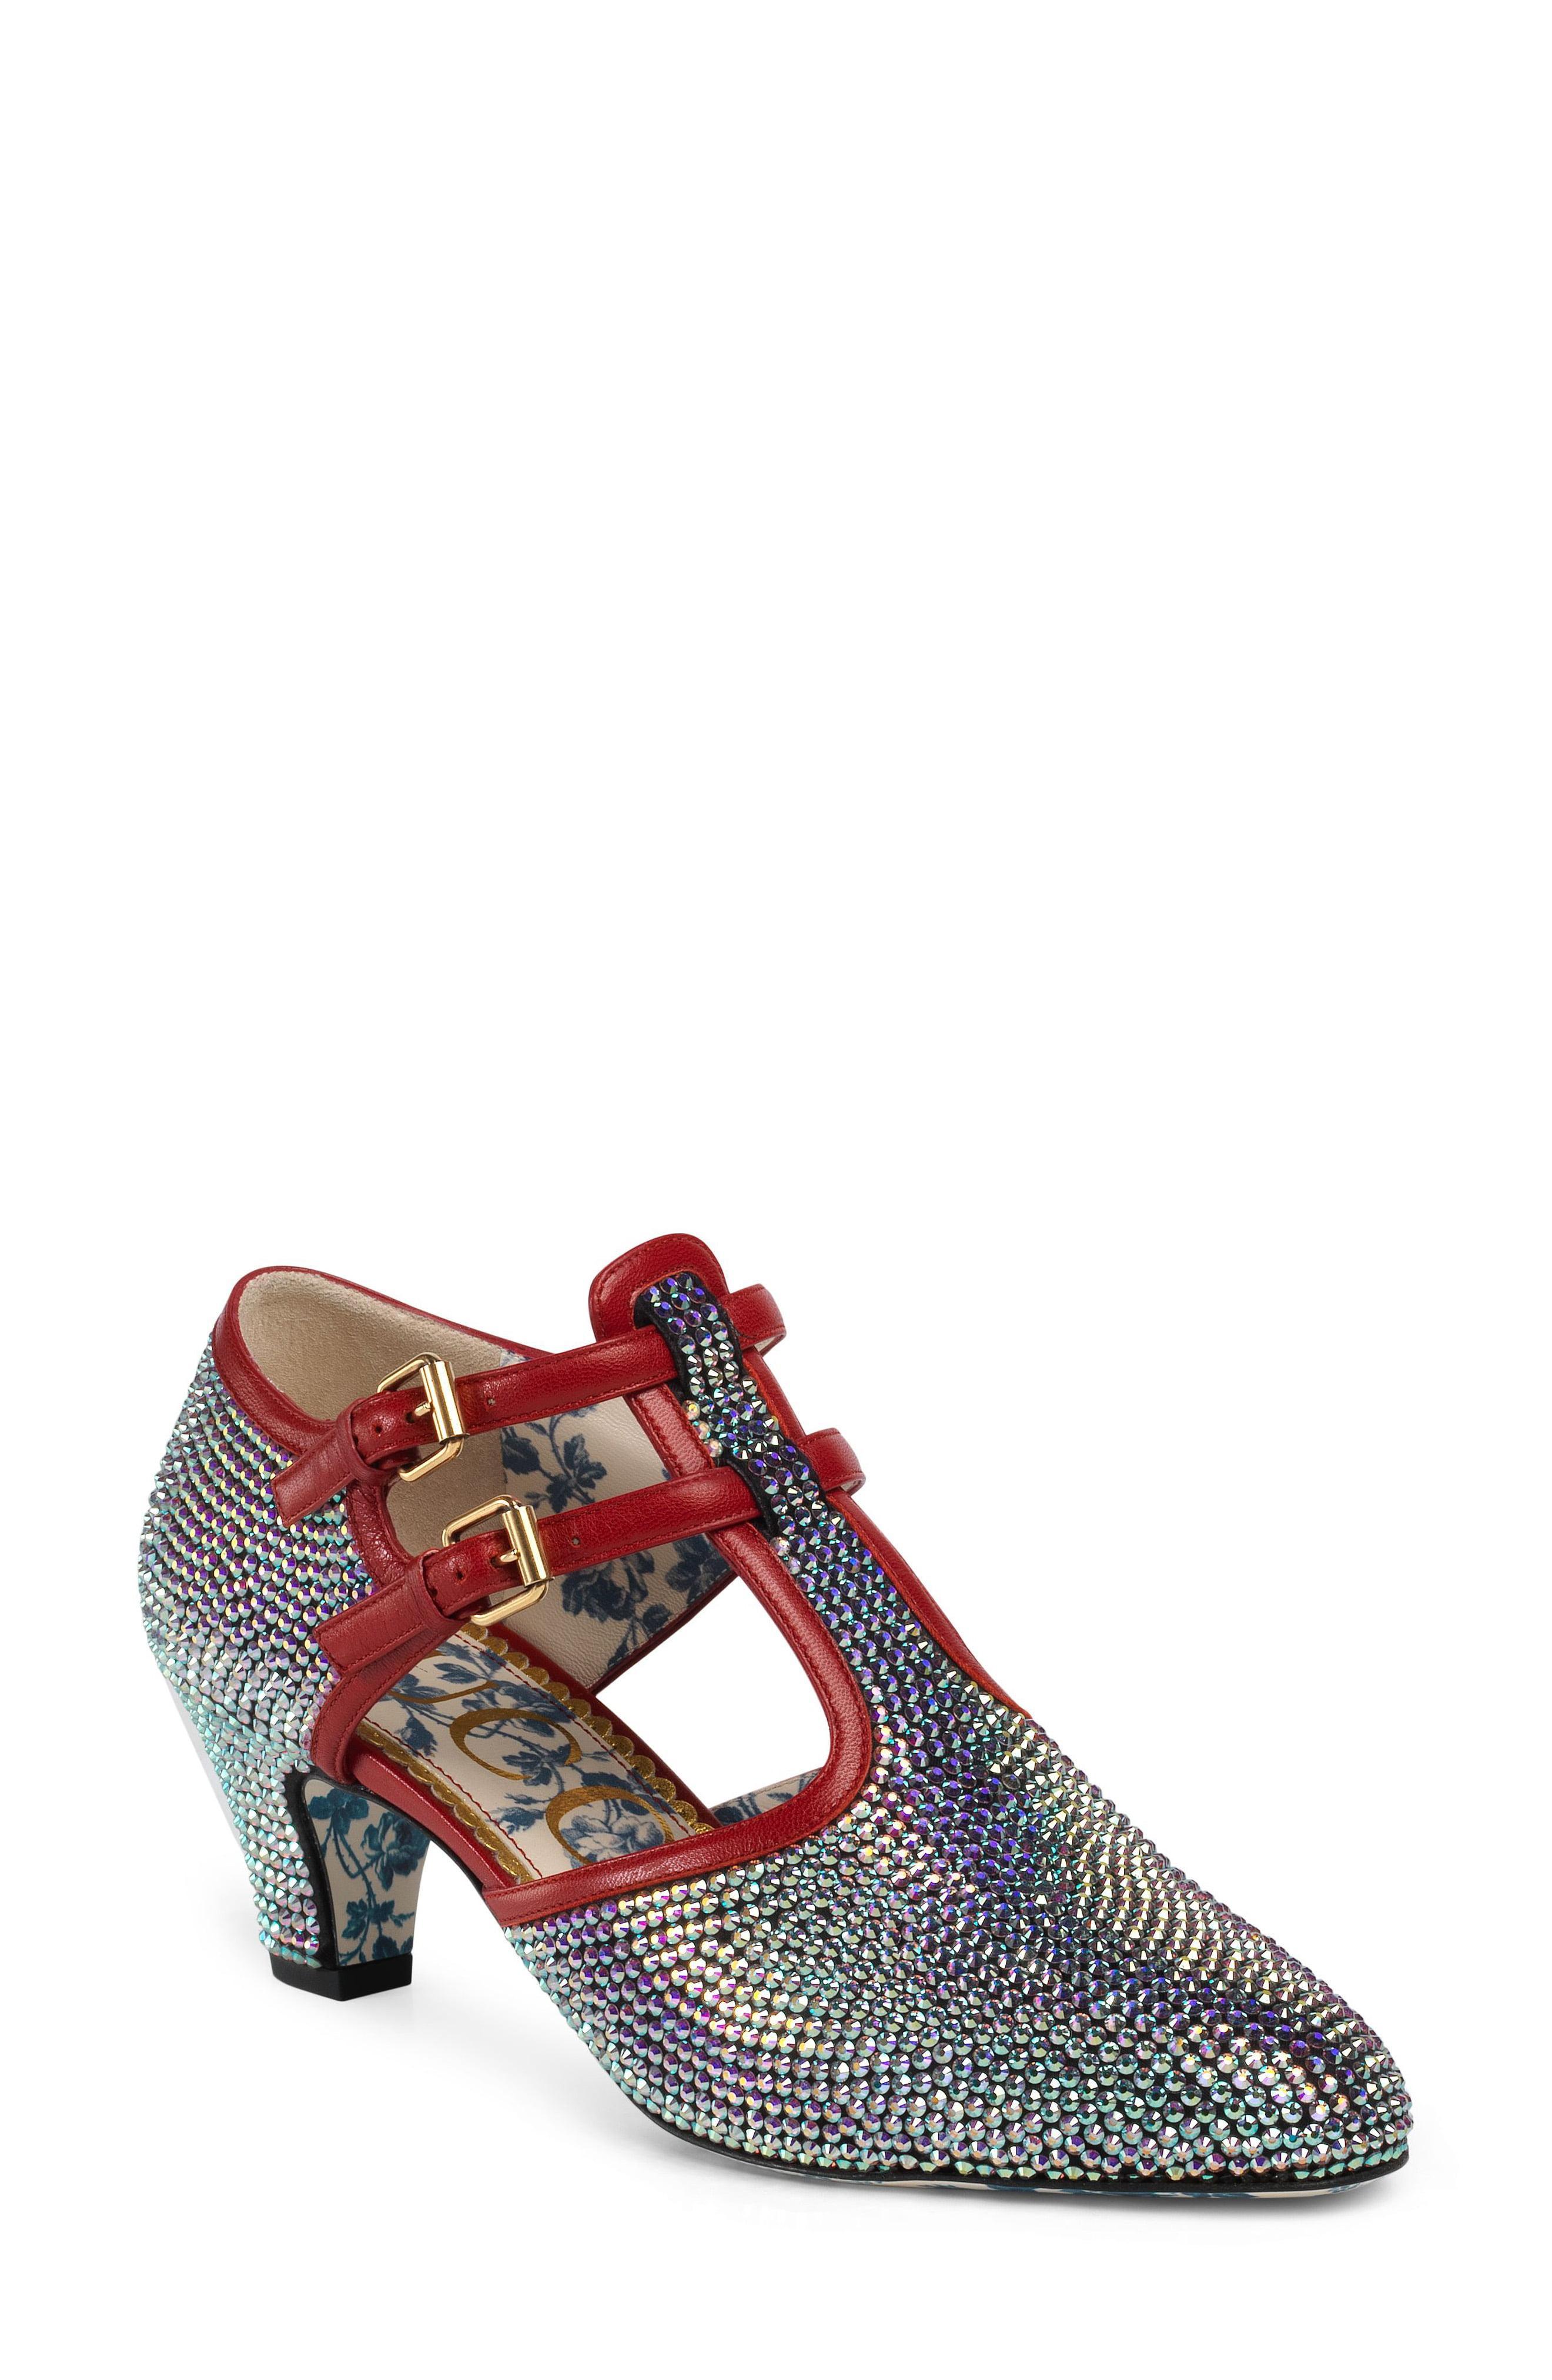 ecc13719871 Lyst - Gucci Mila Crystal Embellished T-strap Pump in Metallic ...